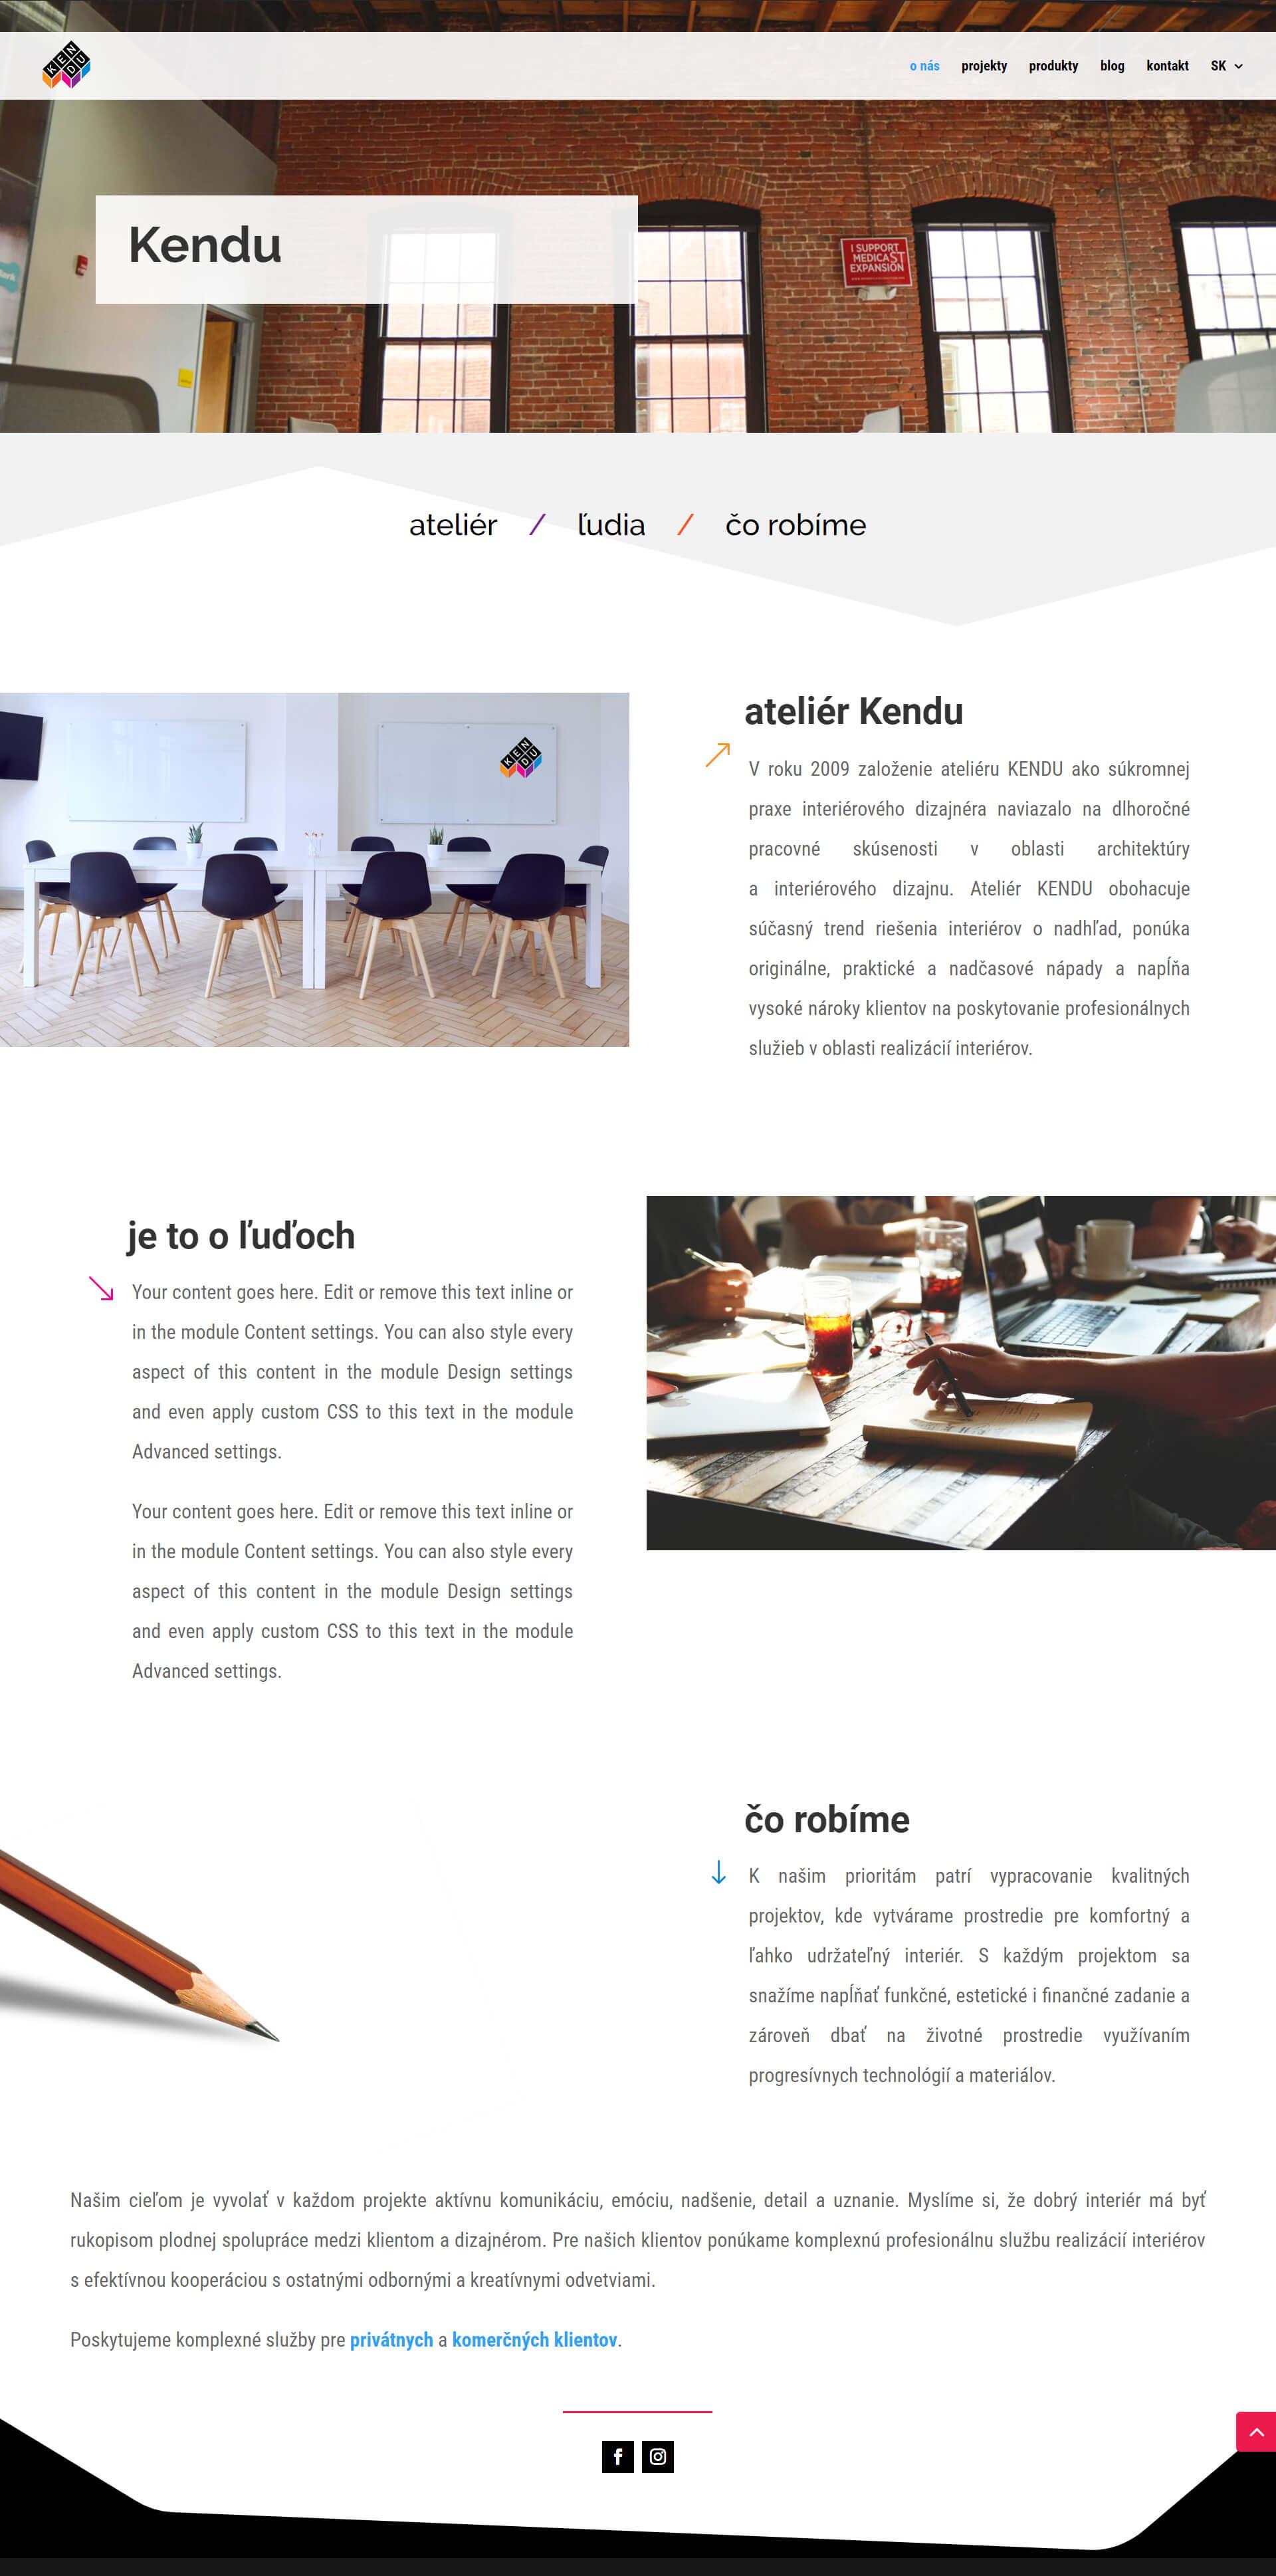 Vytvorenie a dizajn webu pre architektonické štúdio Kendu